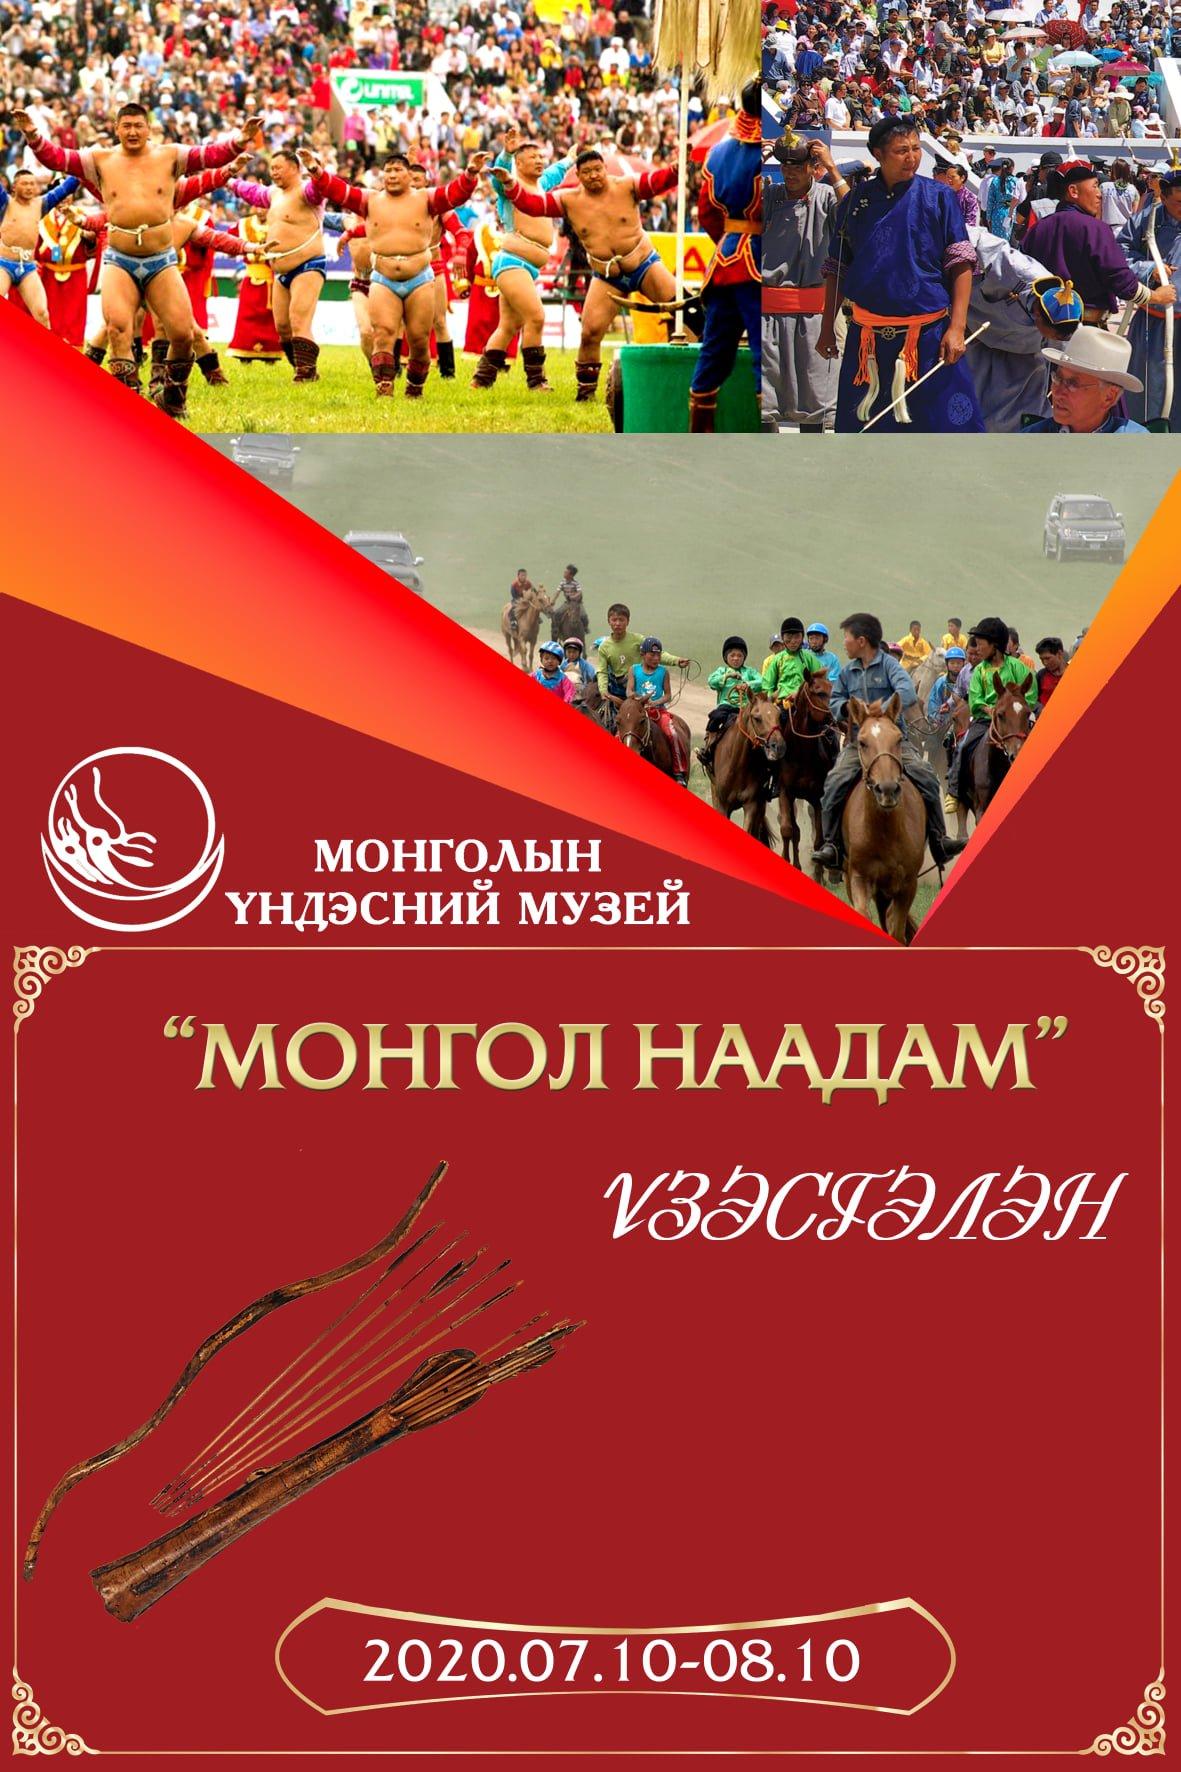 Монгол наадам үзэсгэлэн